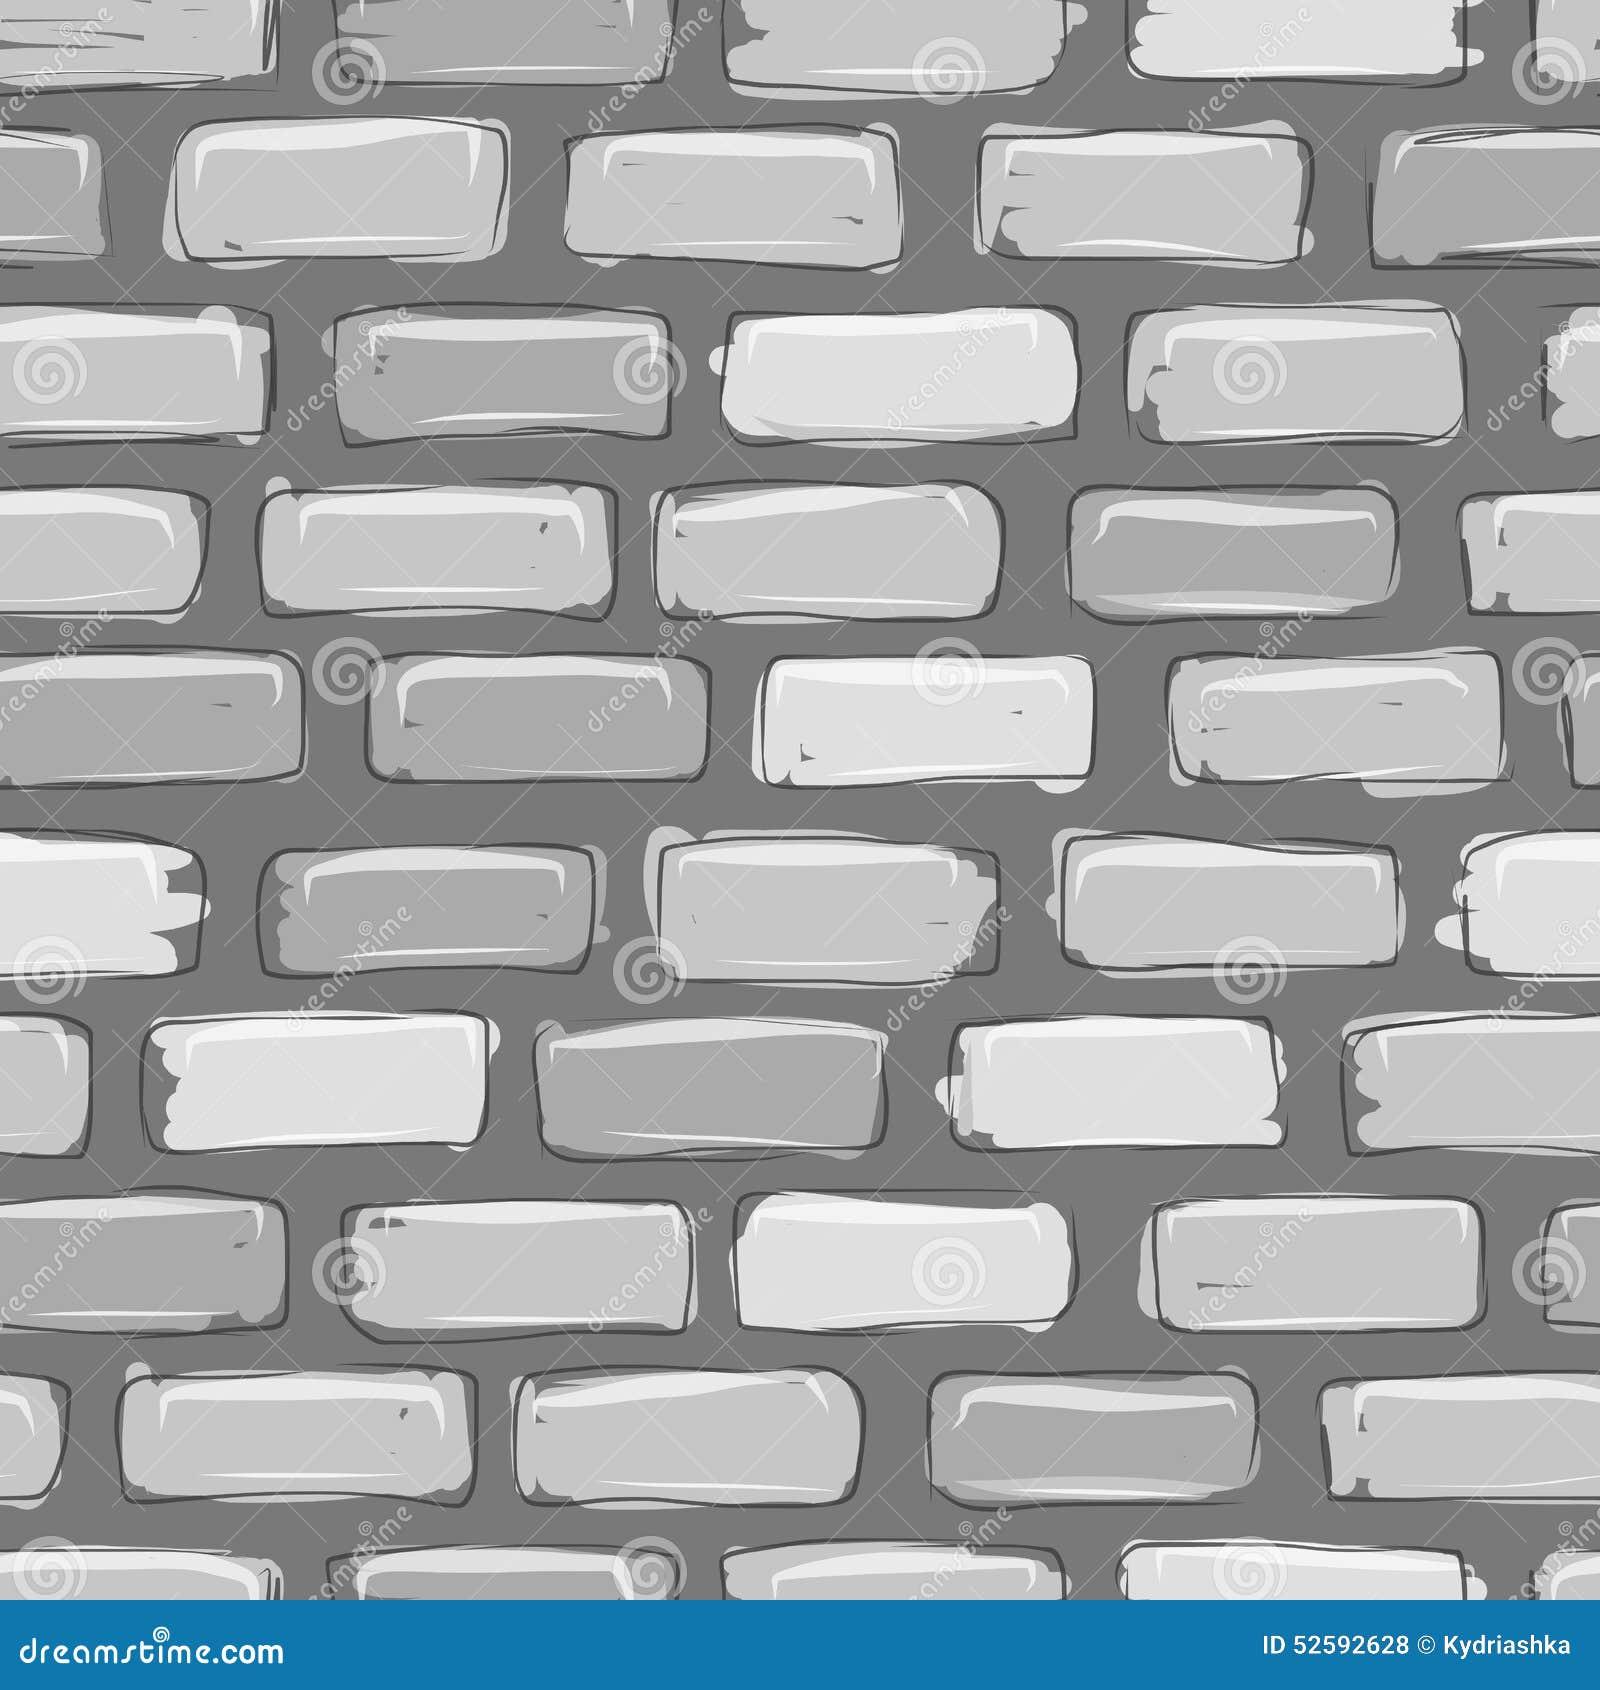 Bakstenen muurgrijs, schets voor uw ontwerp